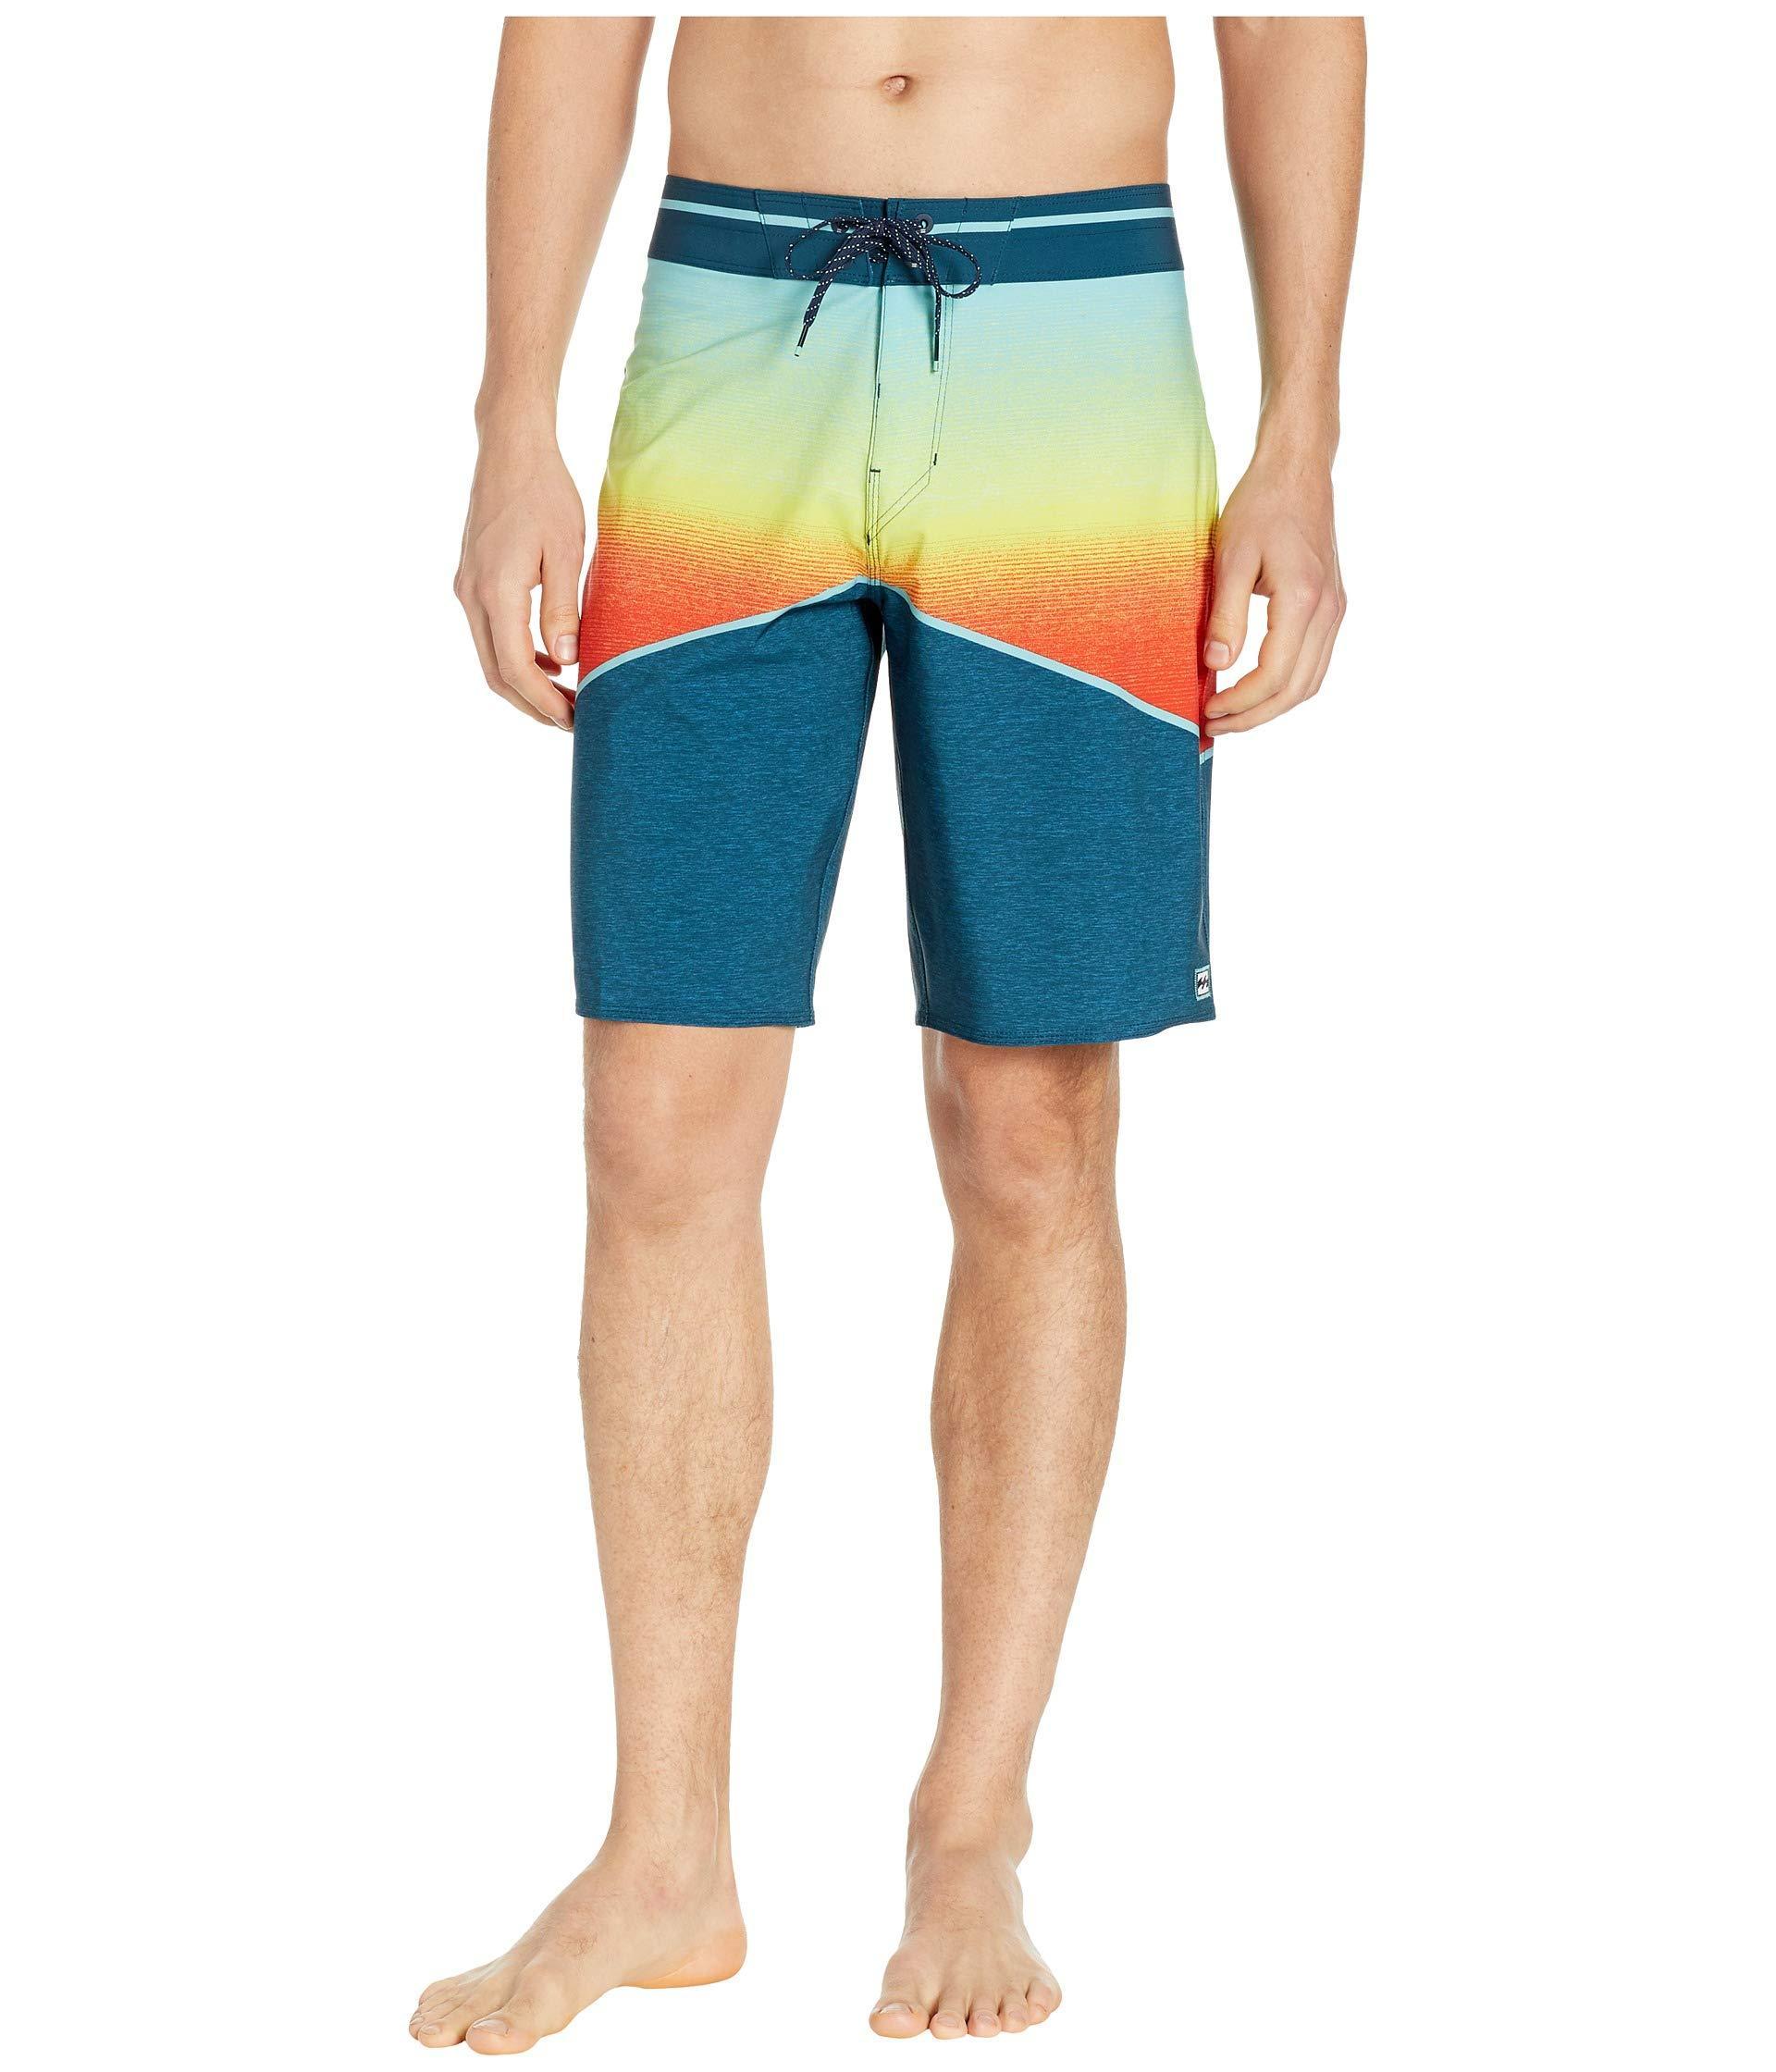 8f42f580488b7 Lyst - Billabong North Point Pro (black) Men's Swimwear in Orange ...